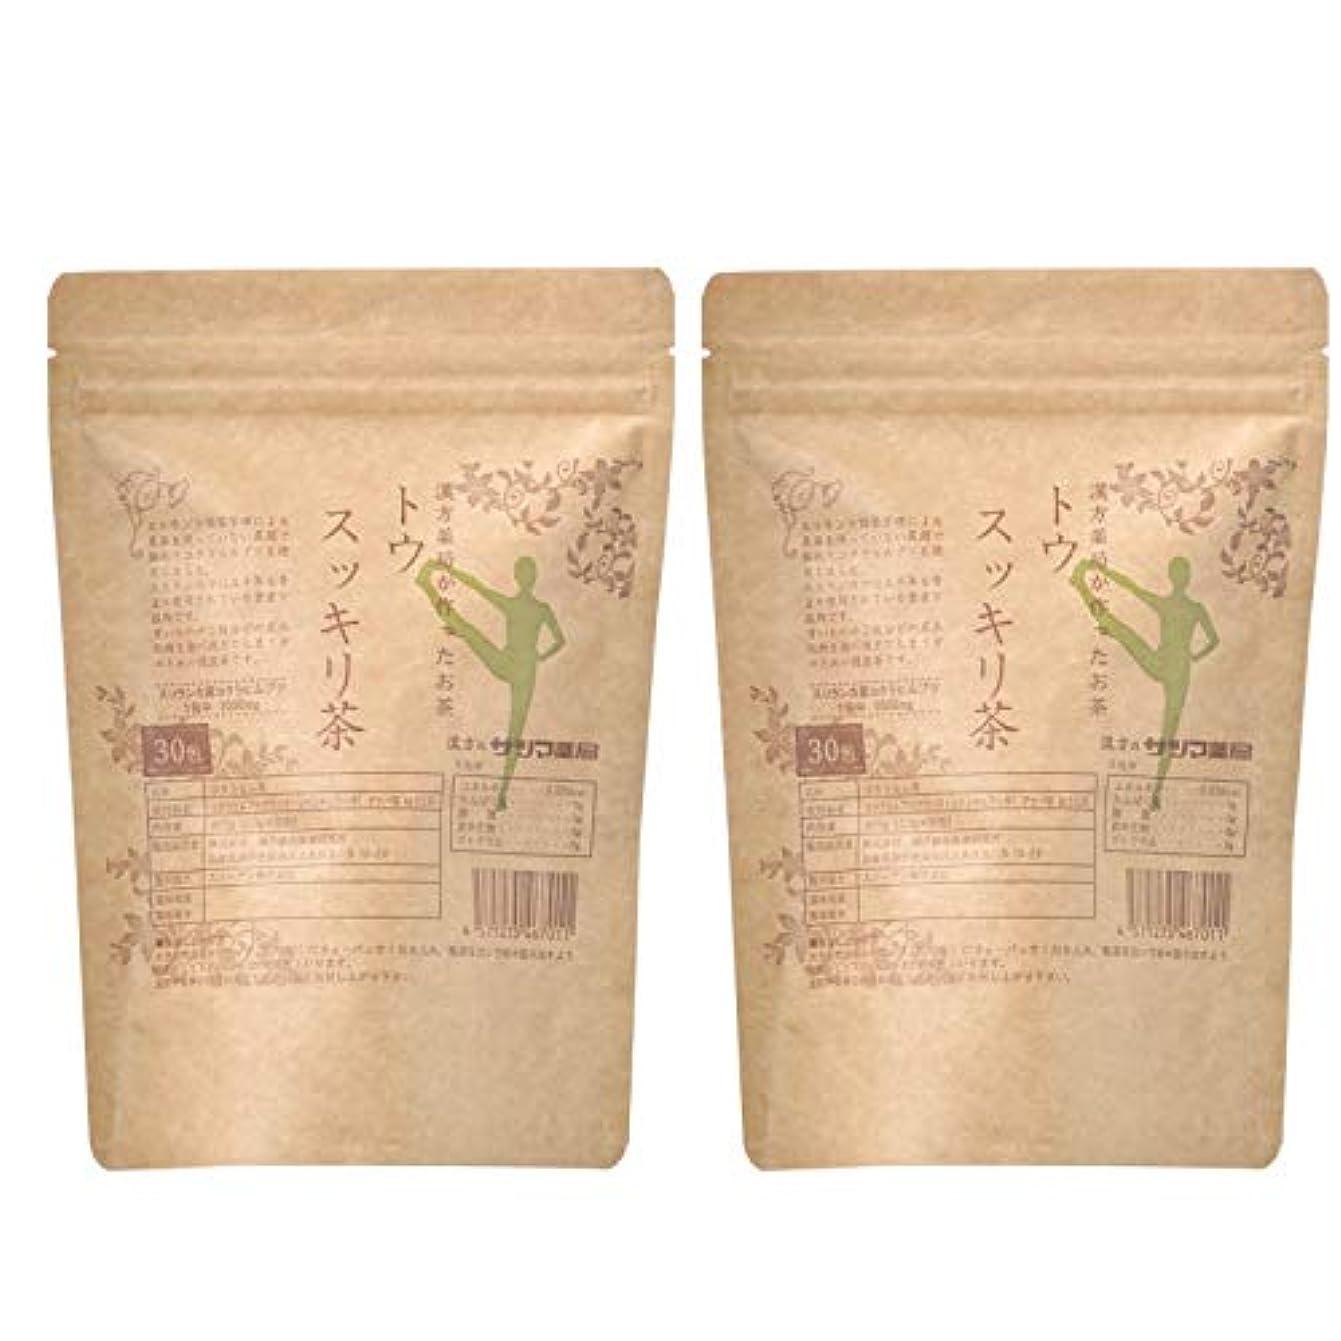 努力エンディング玉サツマ薬局 ダイエットティー トウスッキリ茶 60包(30包×2) ティーパック 高濃度コタラヒム茶 ほうじ茶